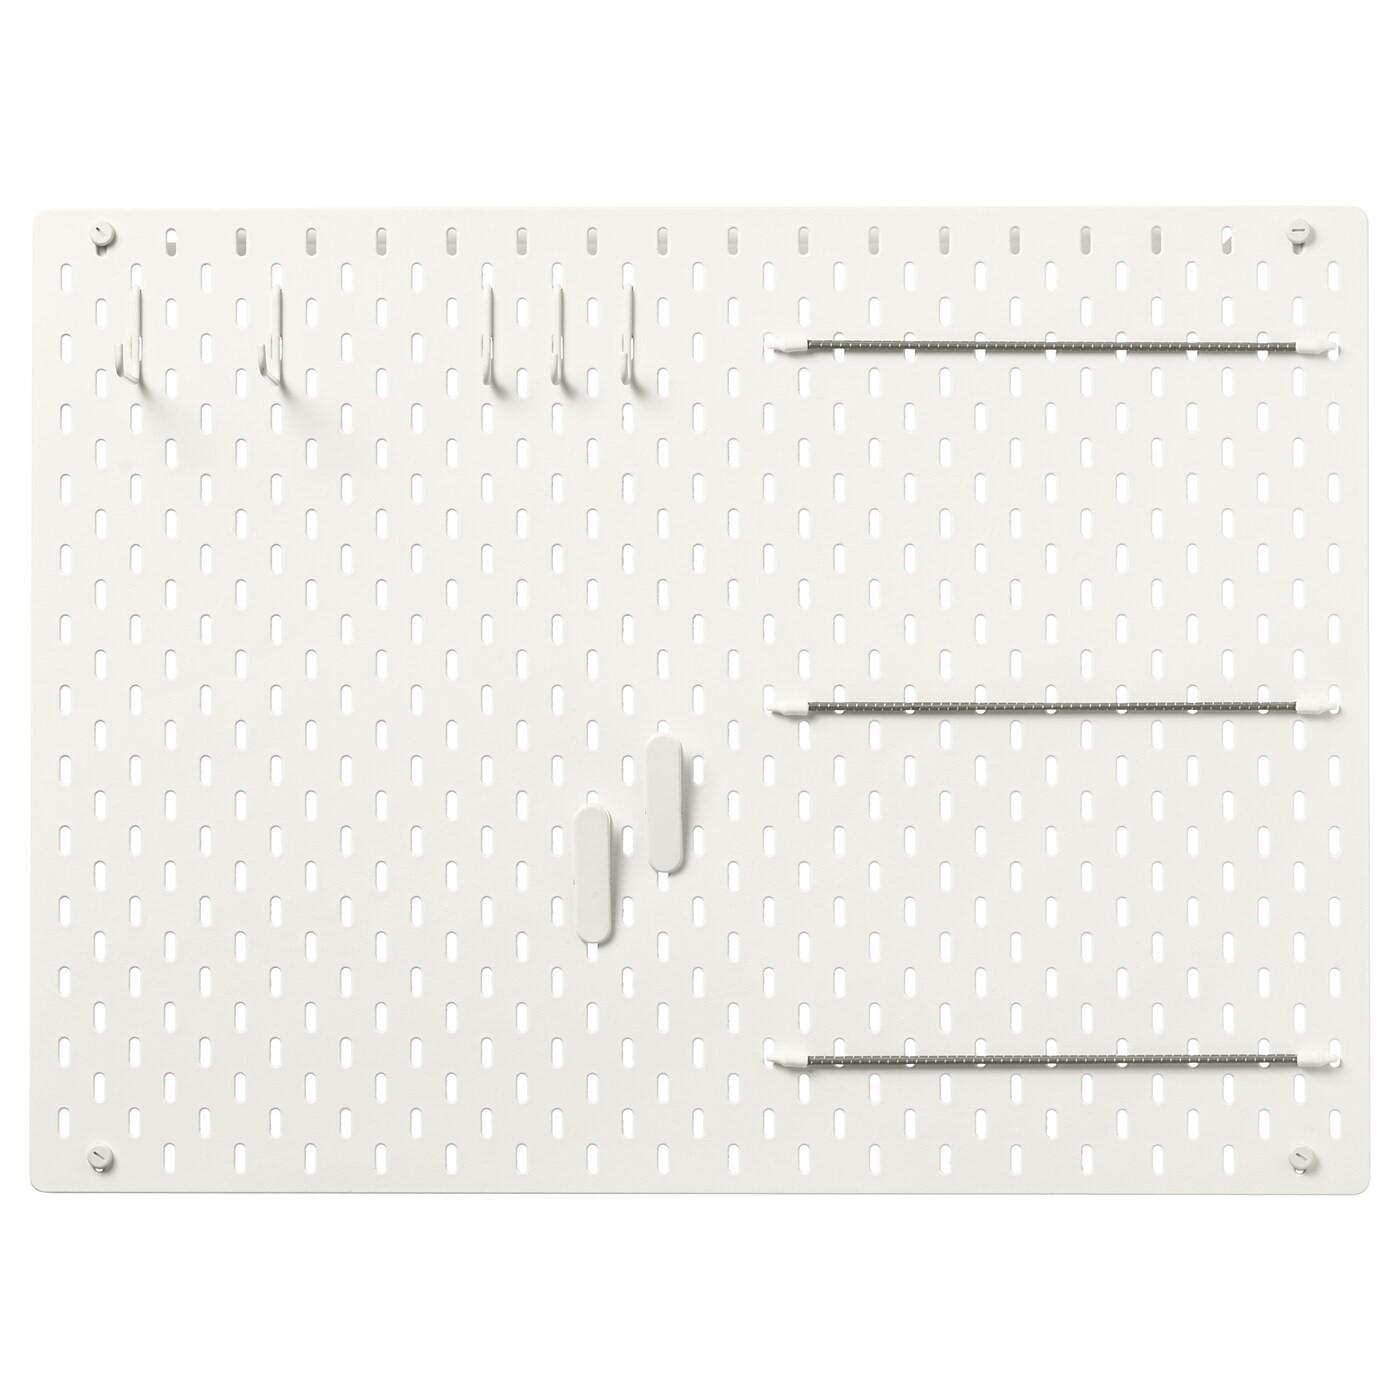 IKEA СКОДИС Настенная панель, комбинация, белый, 76x56 см 492.166.97